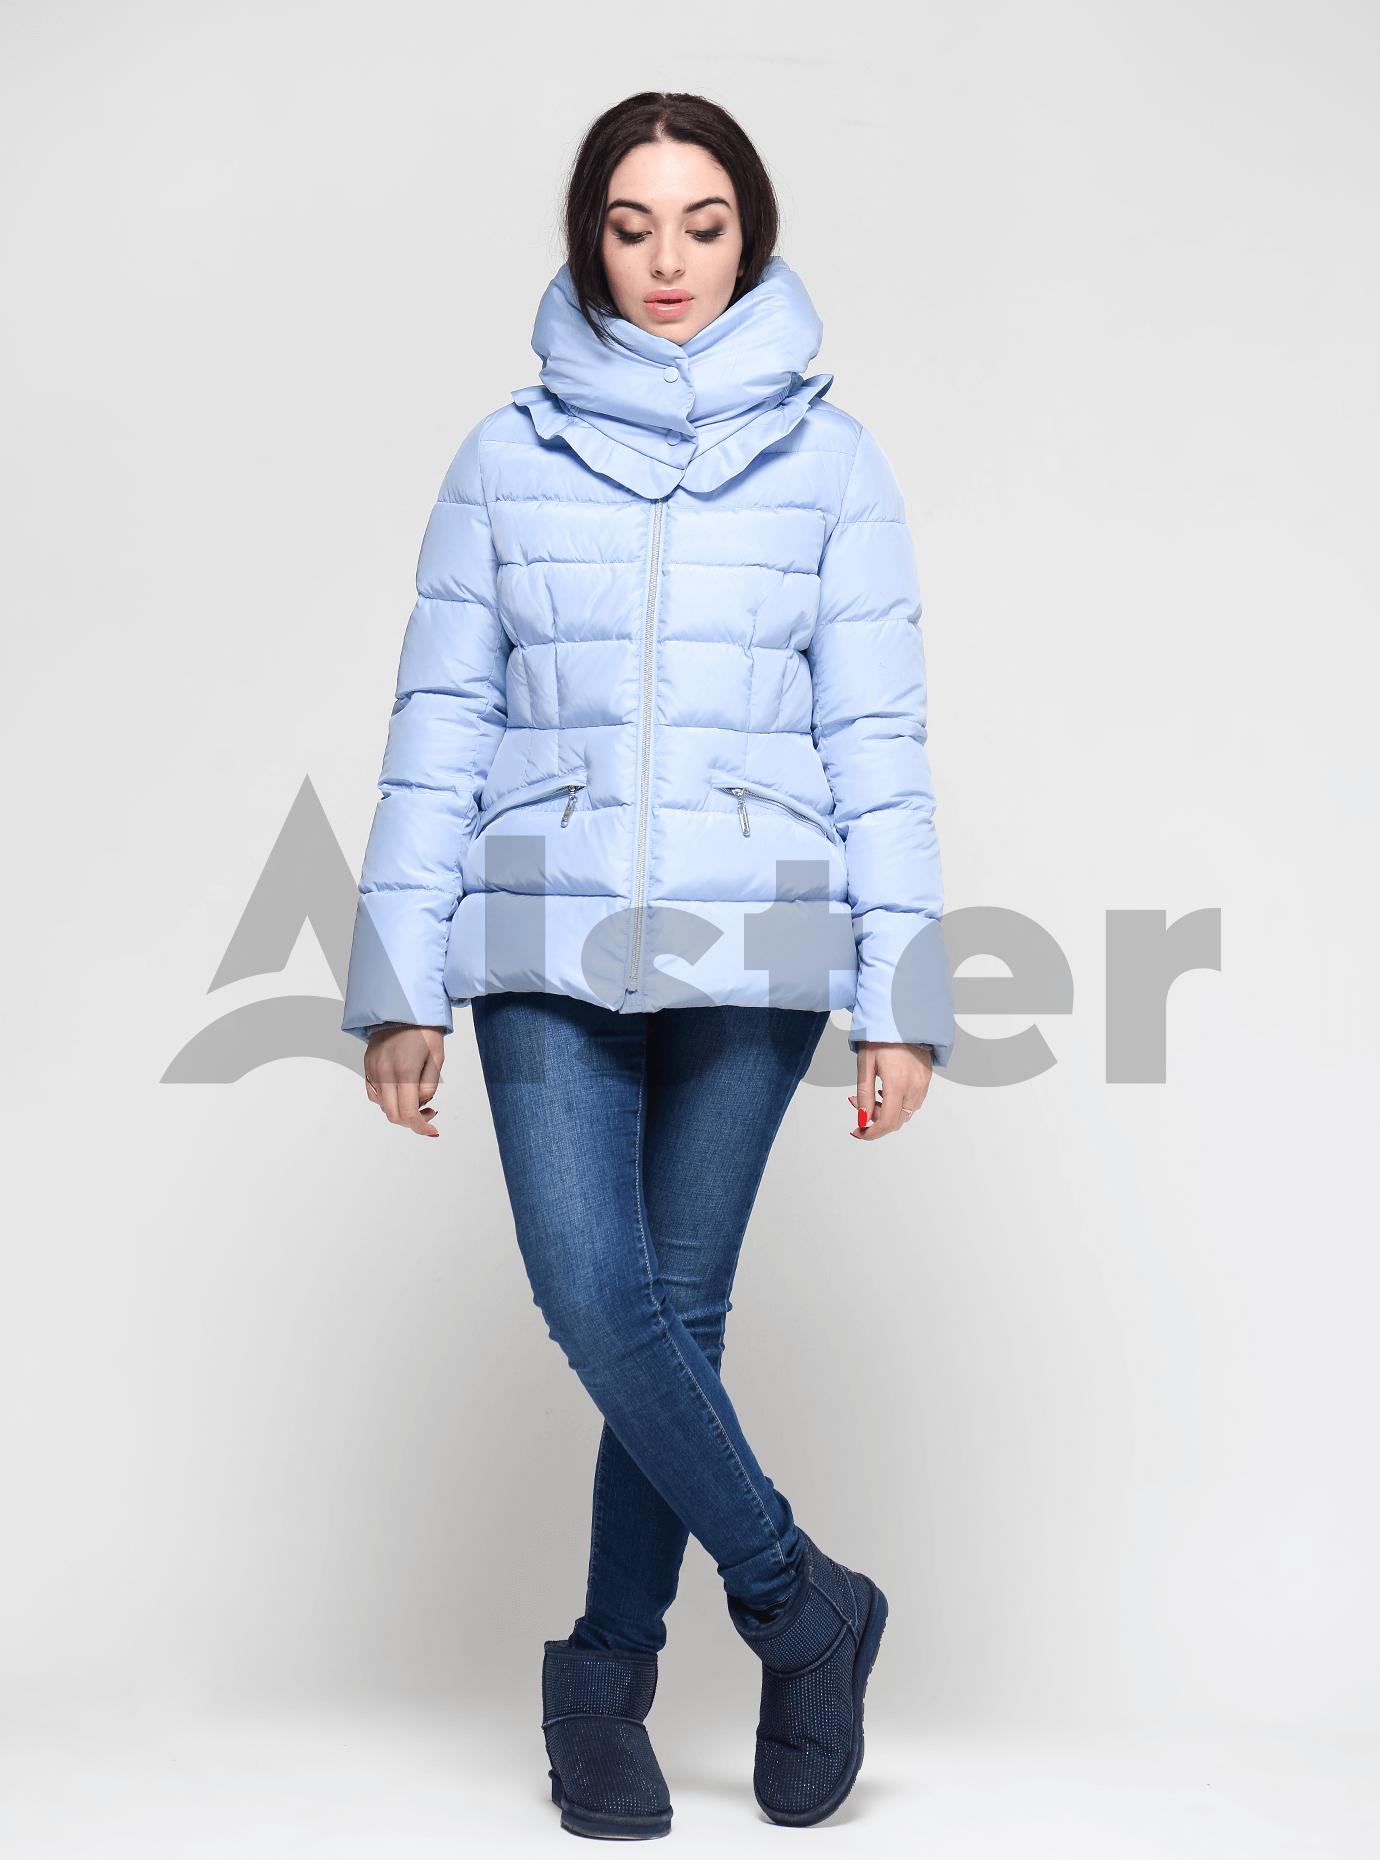 Жіноча зимова куртка Світло-блакитний S (02-190293): фото - Alster.ua